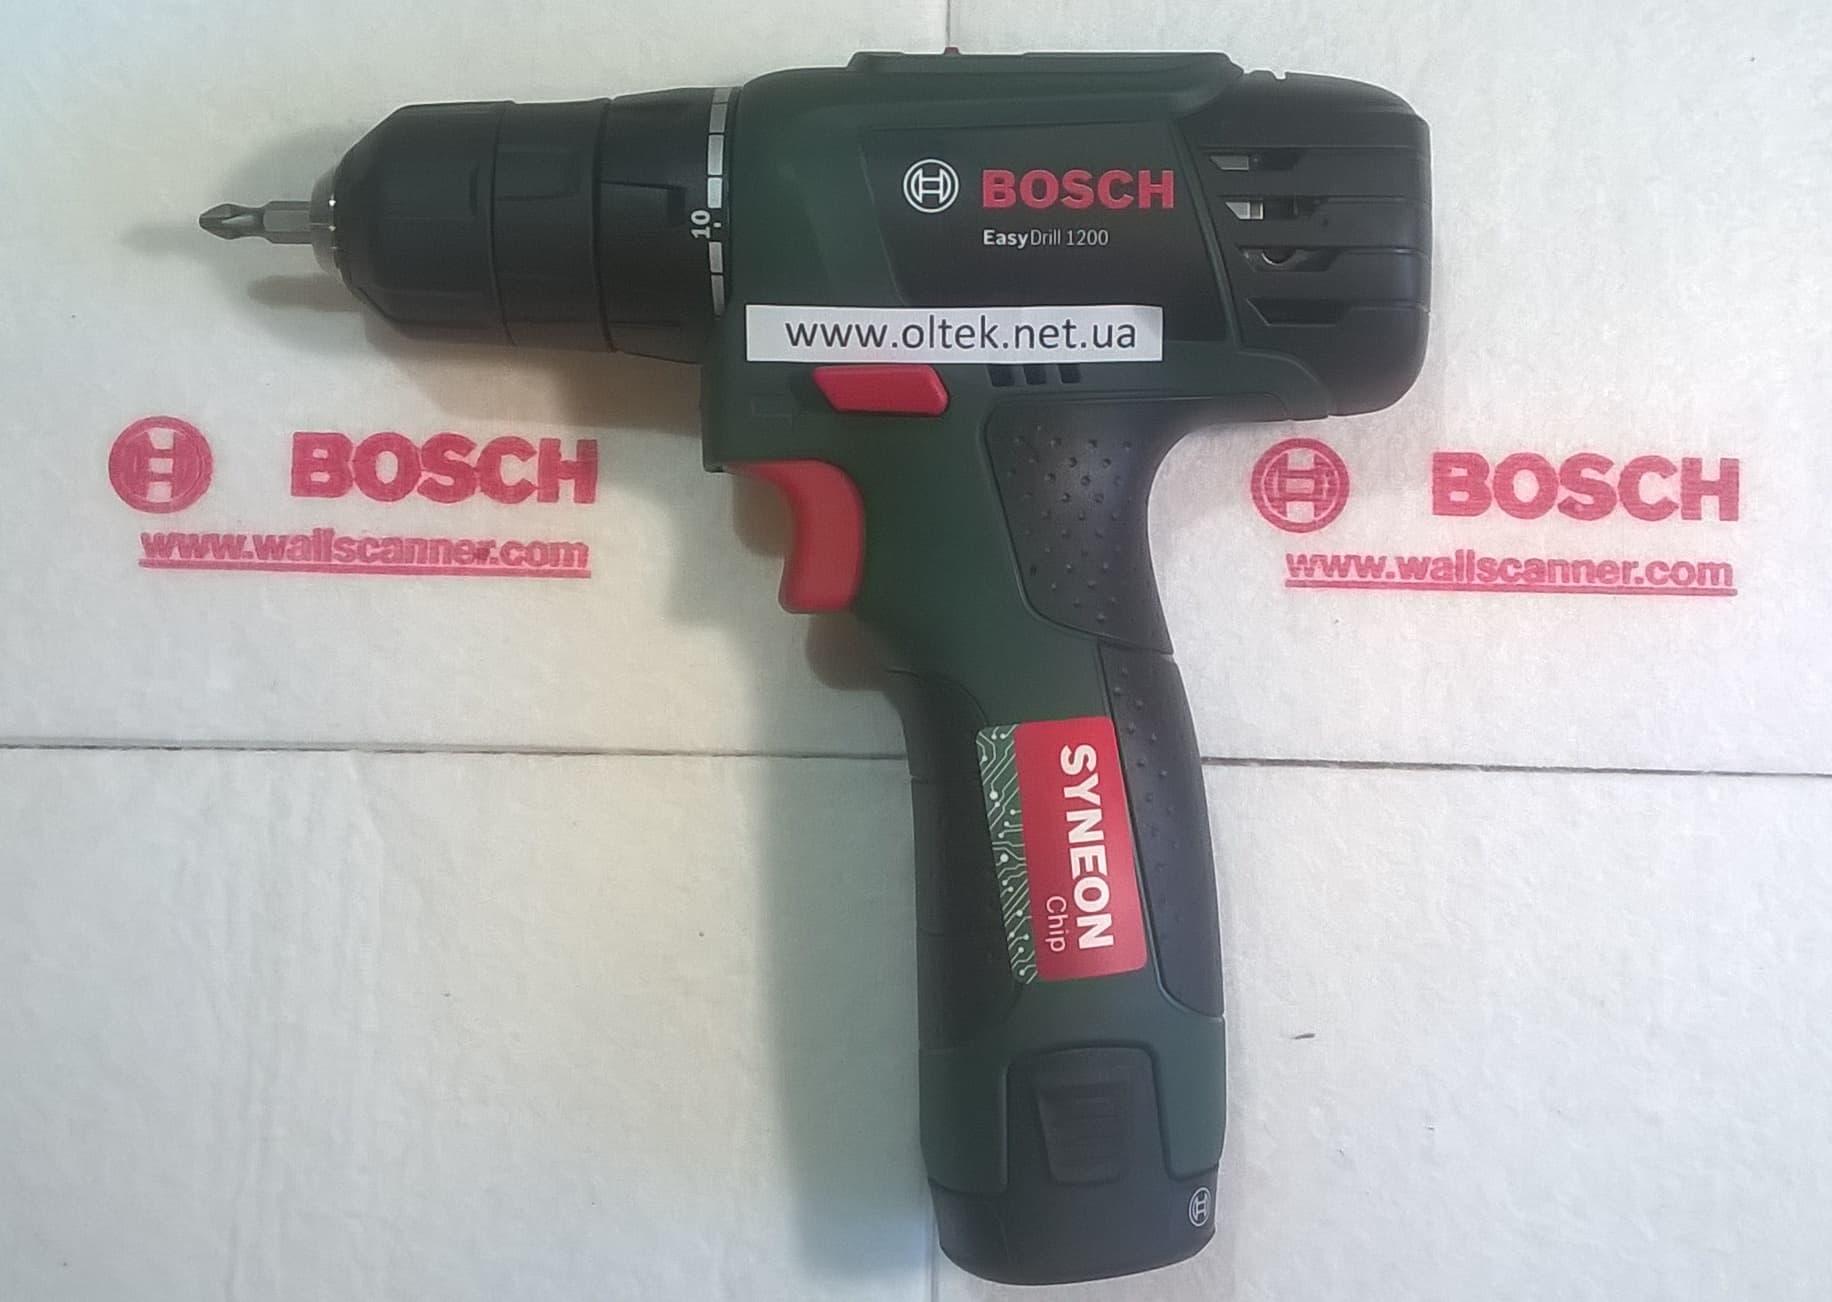 bosch-easyDrill-1200